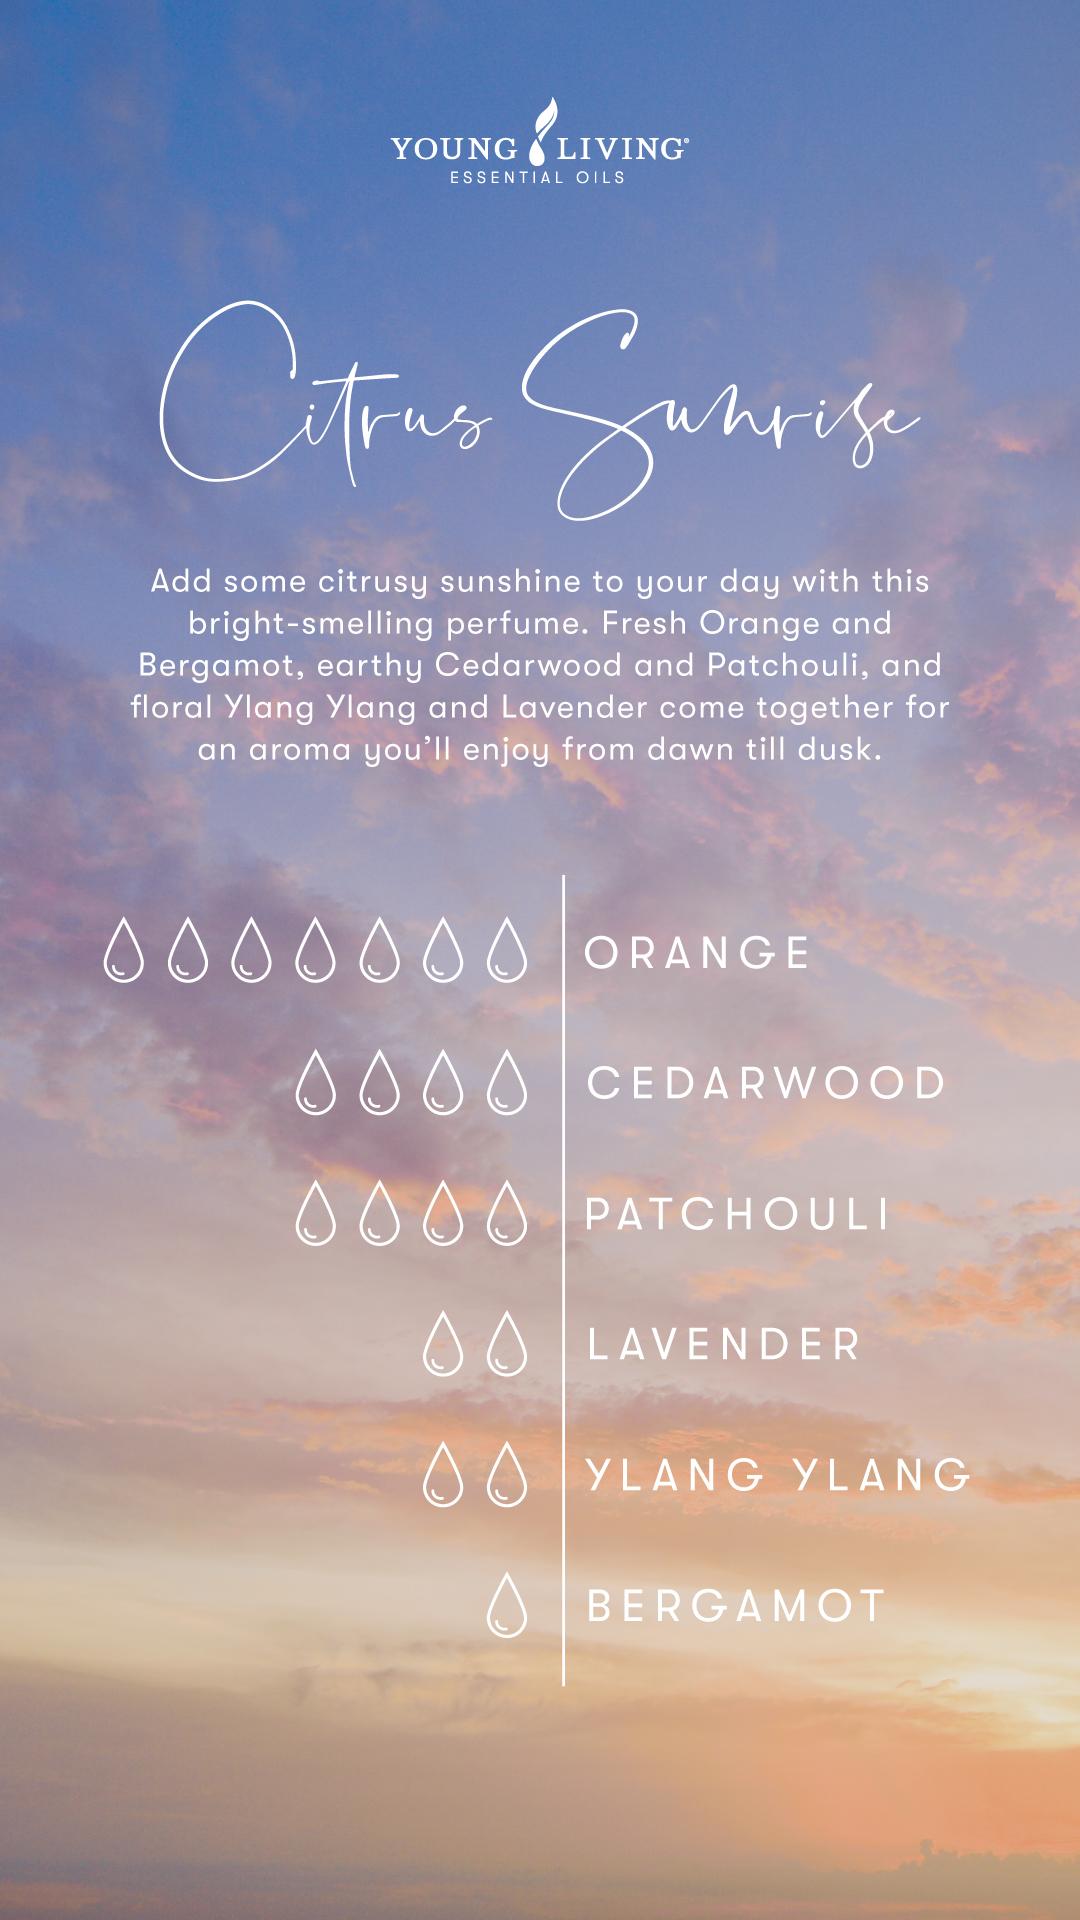 Citrus Sunrise Perfume Recipe